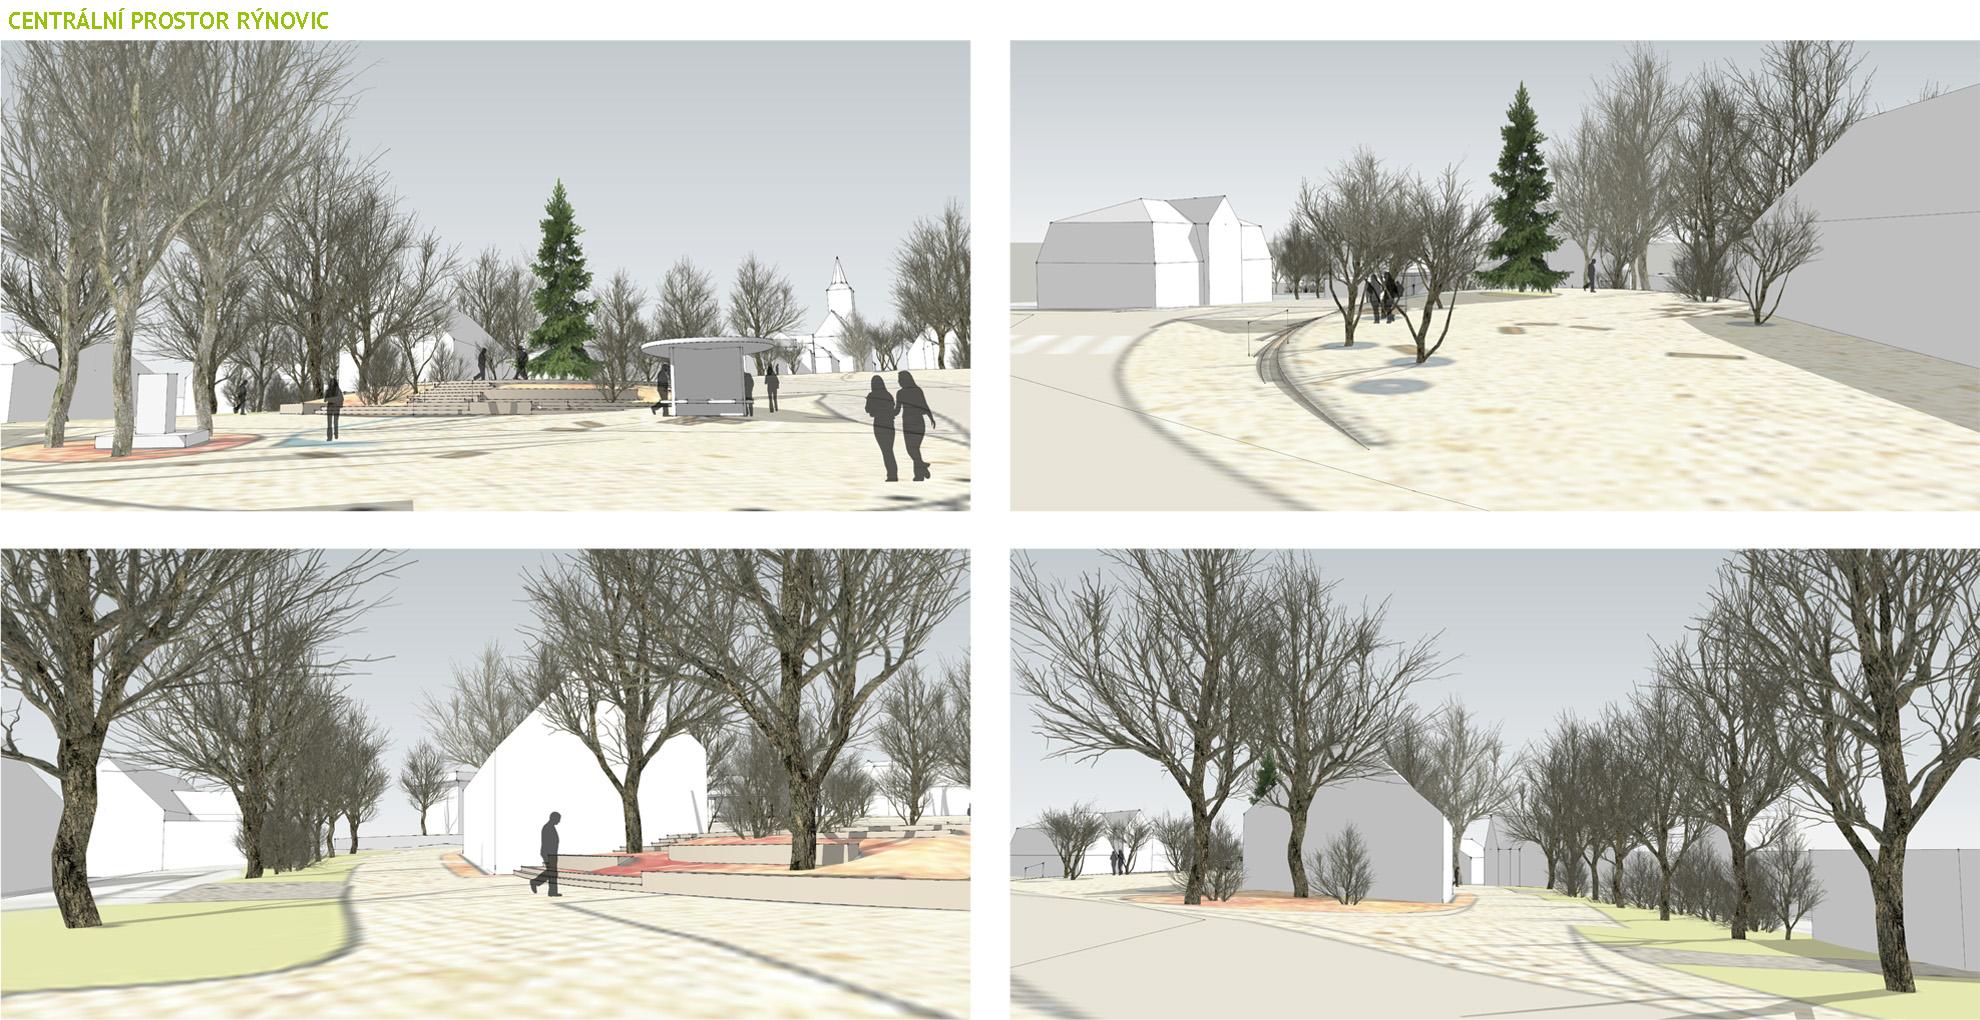 Proměna veřejného prostoru v Jablonci Rýnovicích